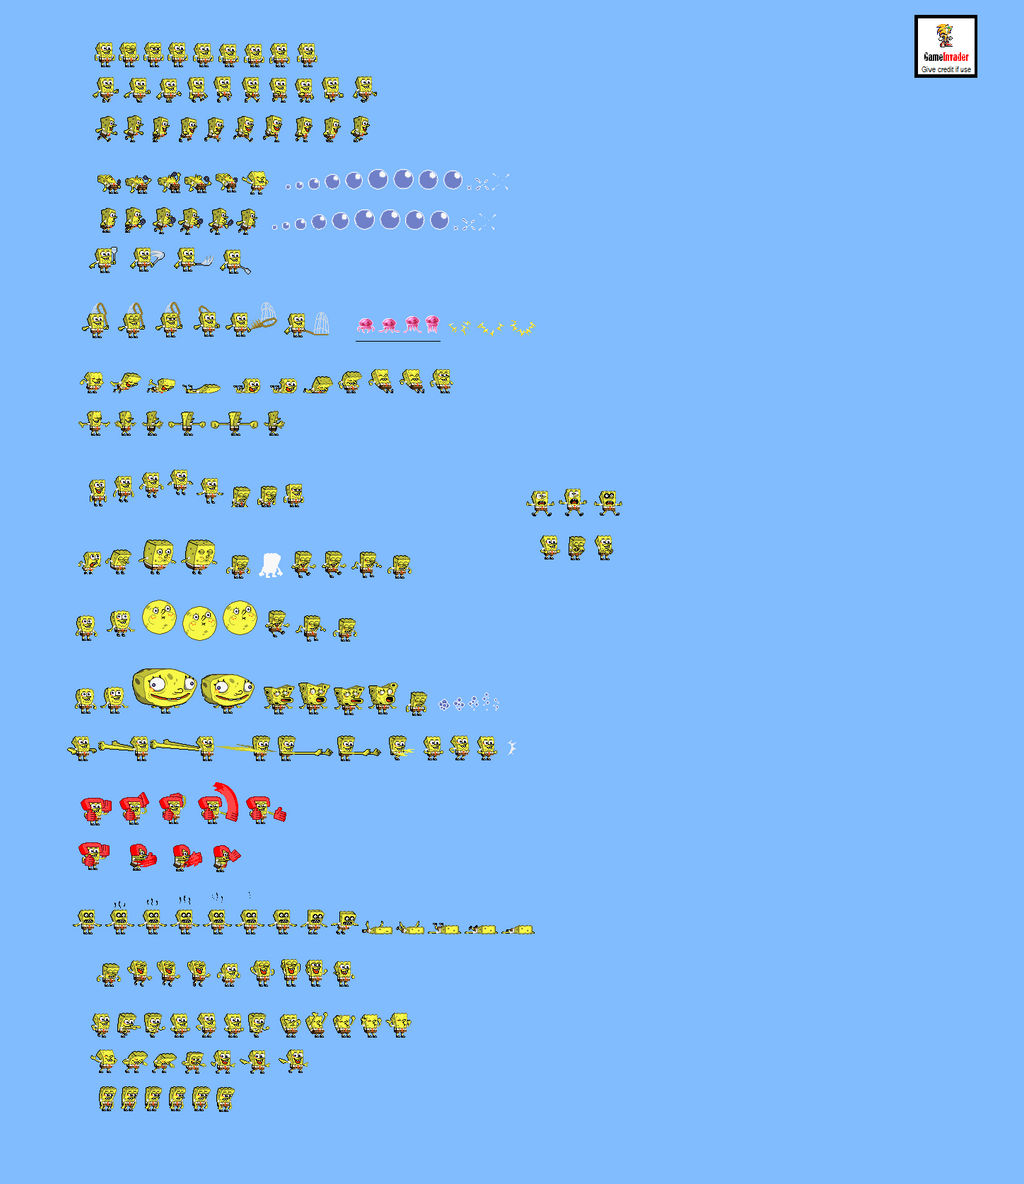 Spongebob Sprite Wwwtollebildcom